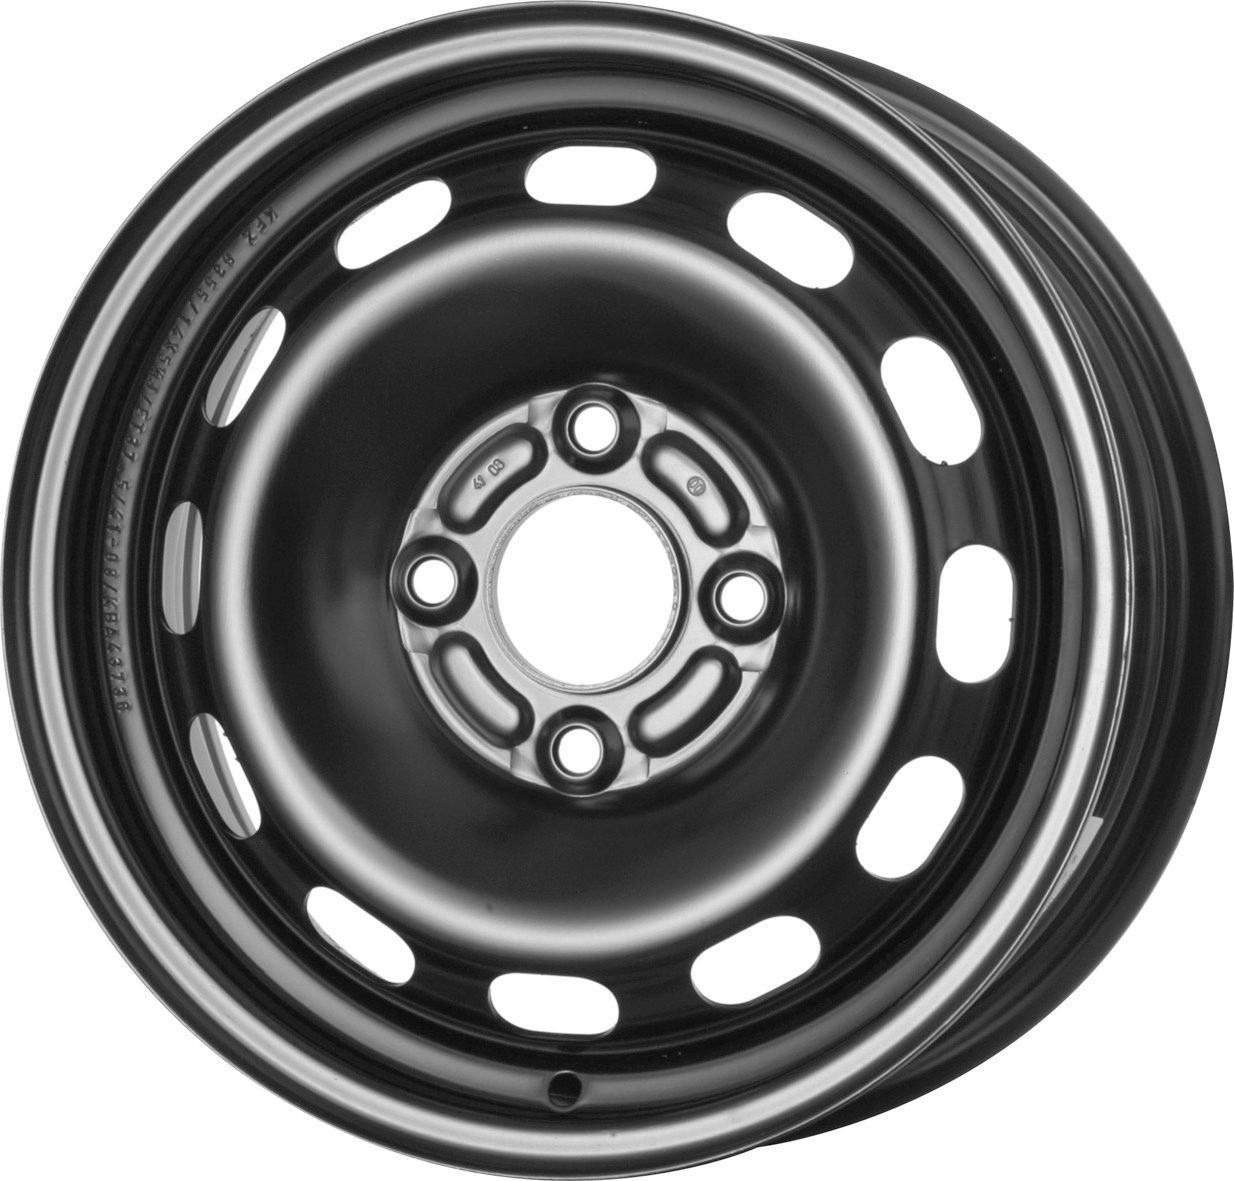 Vorschau: 14″ Stahlrad Sommer für Ford Fiesta 1.6 TDCi (JR8) Kumho KH27 175/65 R14 82T